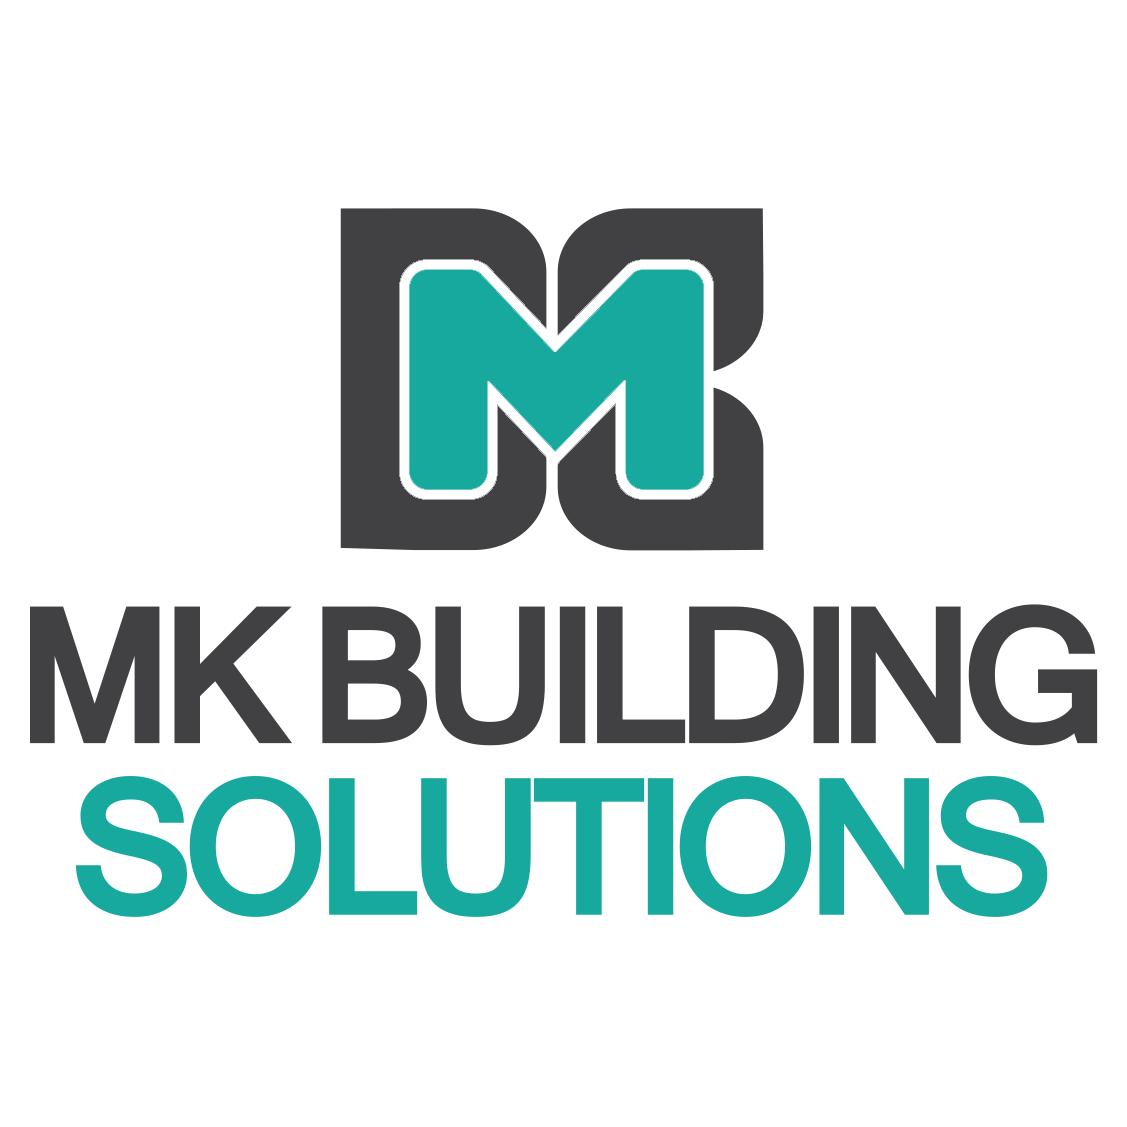 MK Building Solutions - Balcatta, WA 6021 - (08) 6188 5966 | ShowMeLocal.com